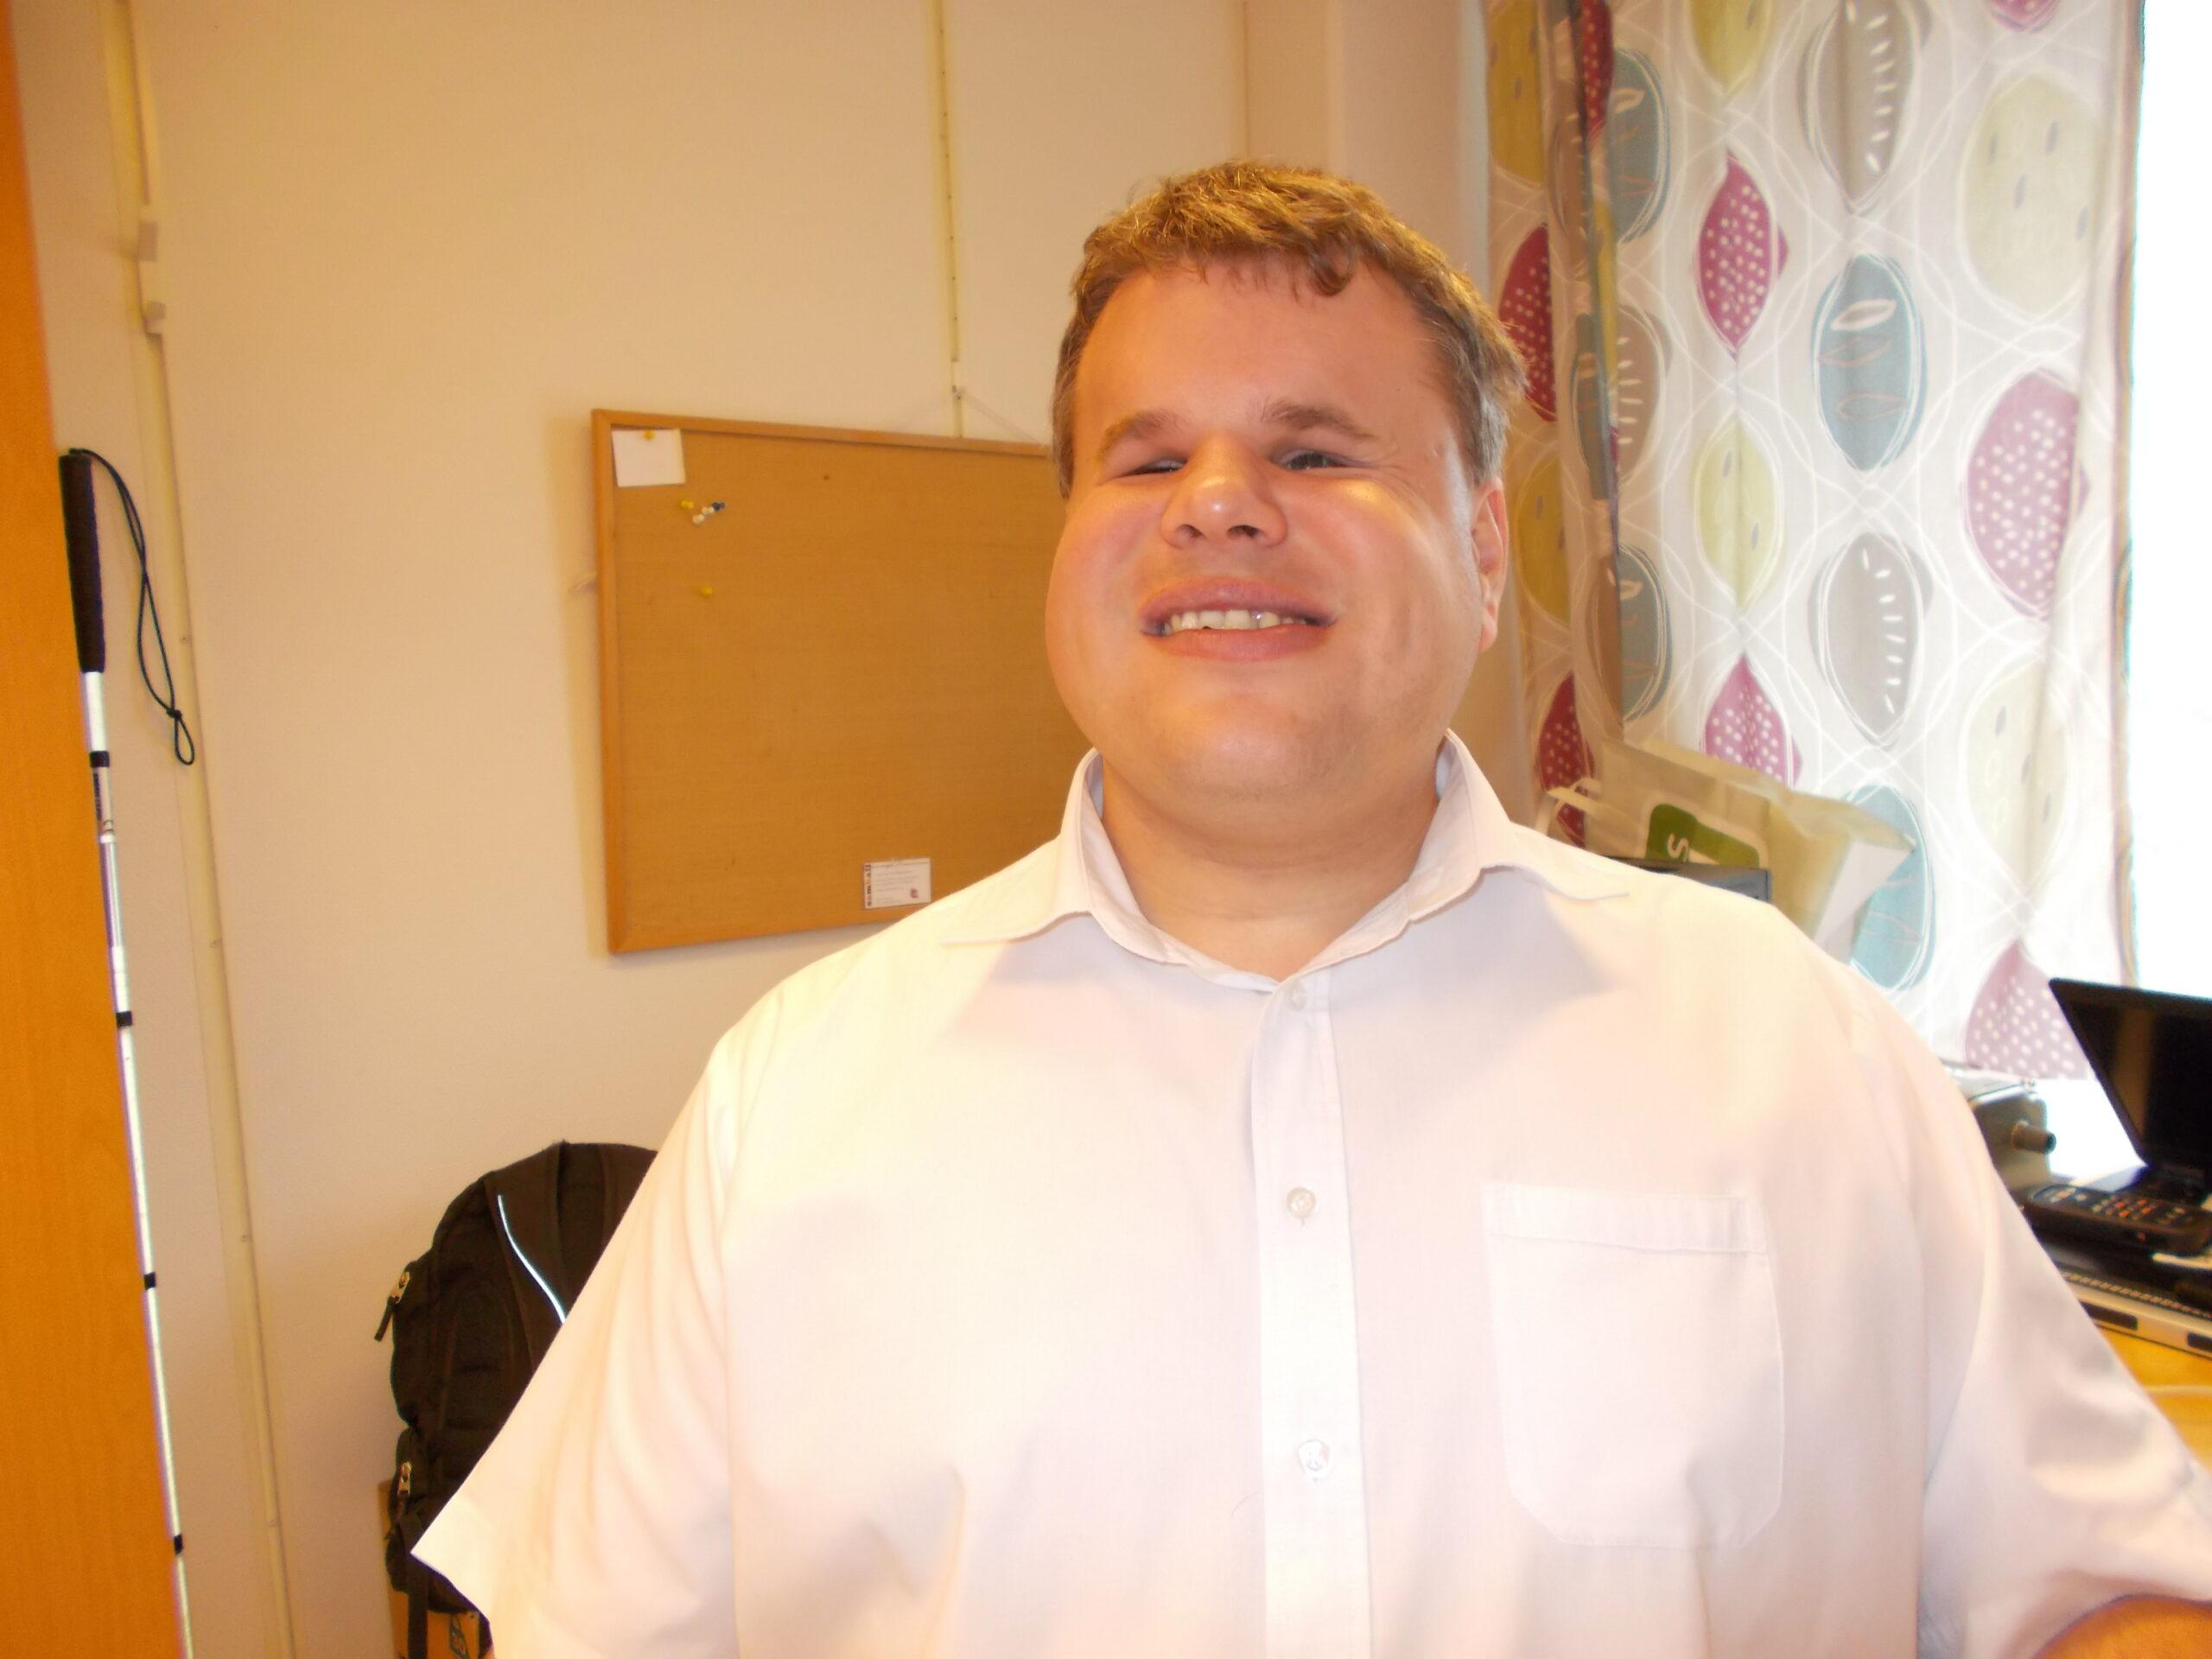 Peter har en ljus skjorta på sig och ler mot kameran